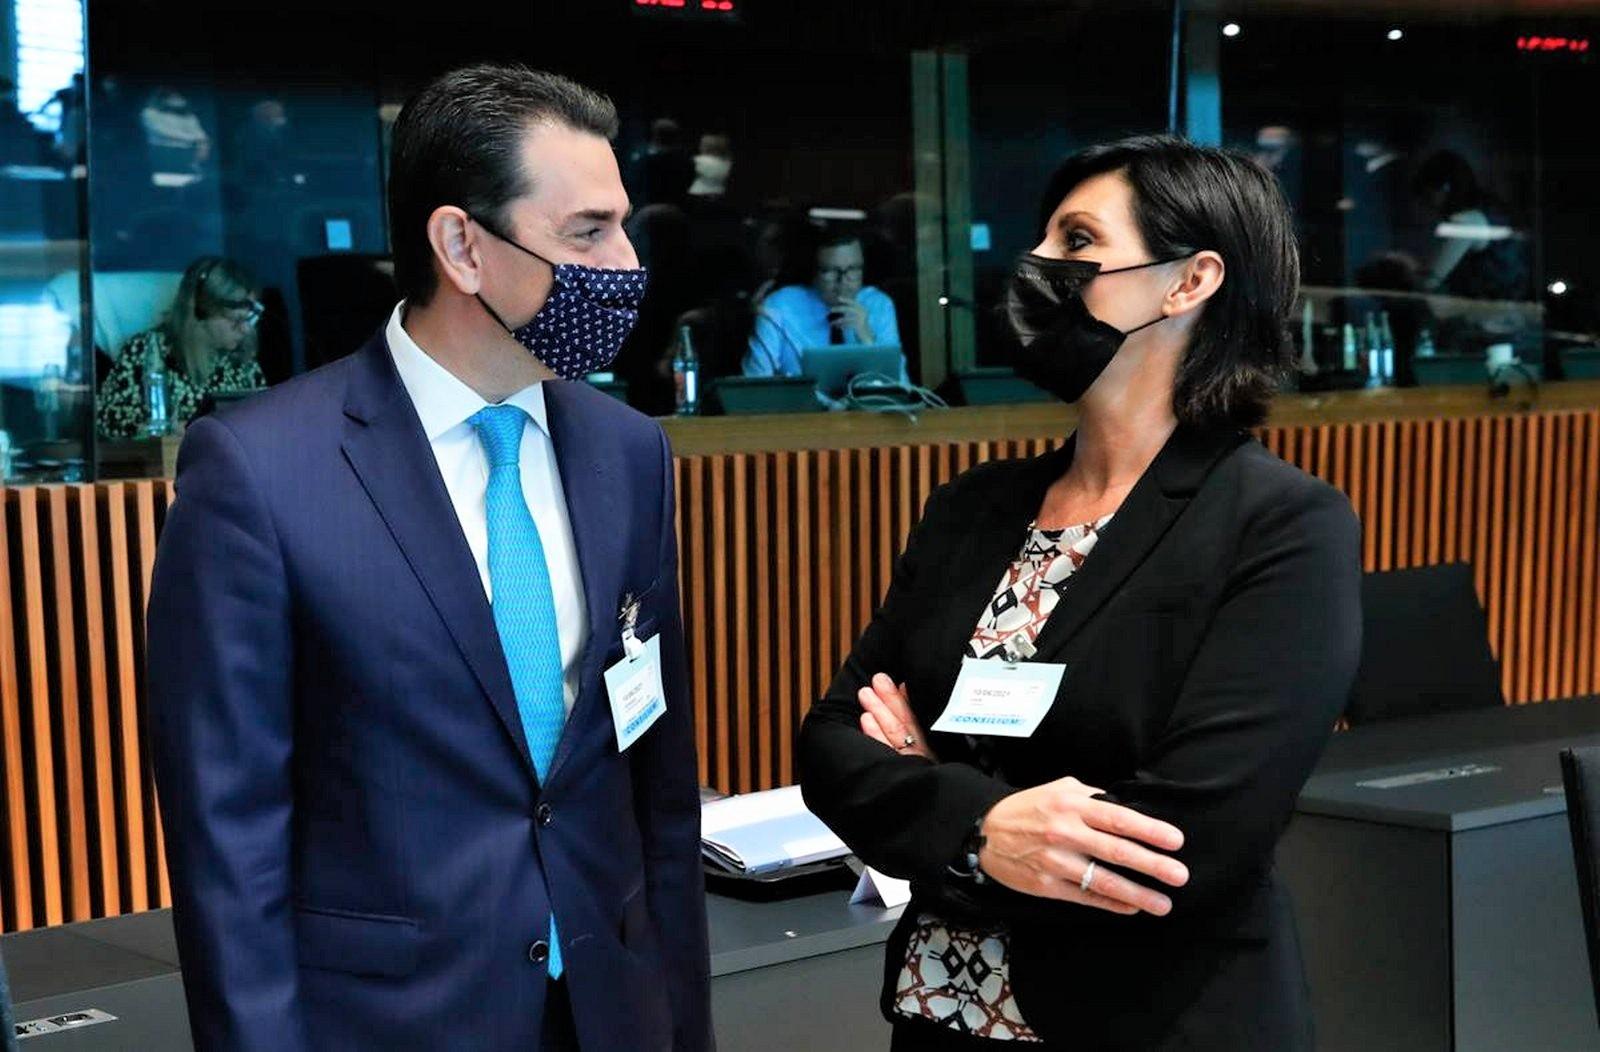 Κ. Σκρέκας: Να δοθεί άμεσα ευρωπαϊκή προστασία στους ευάλωτους από την έκρηξη τιμών στην ενέργεια